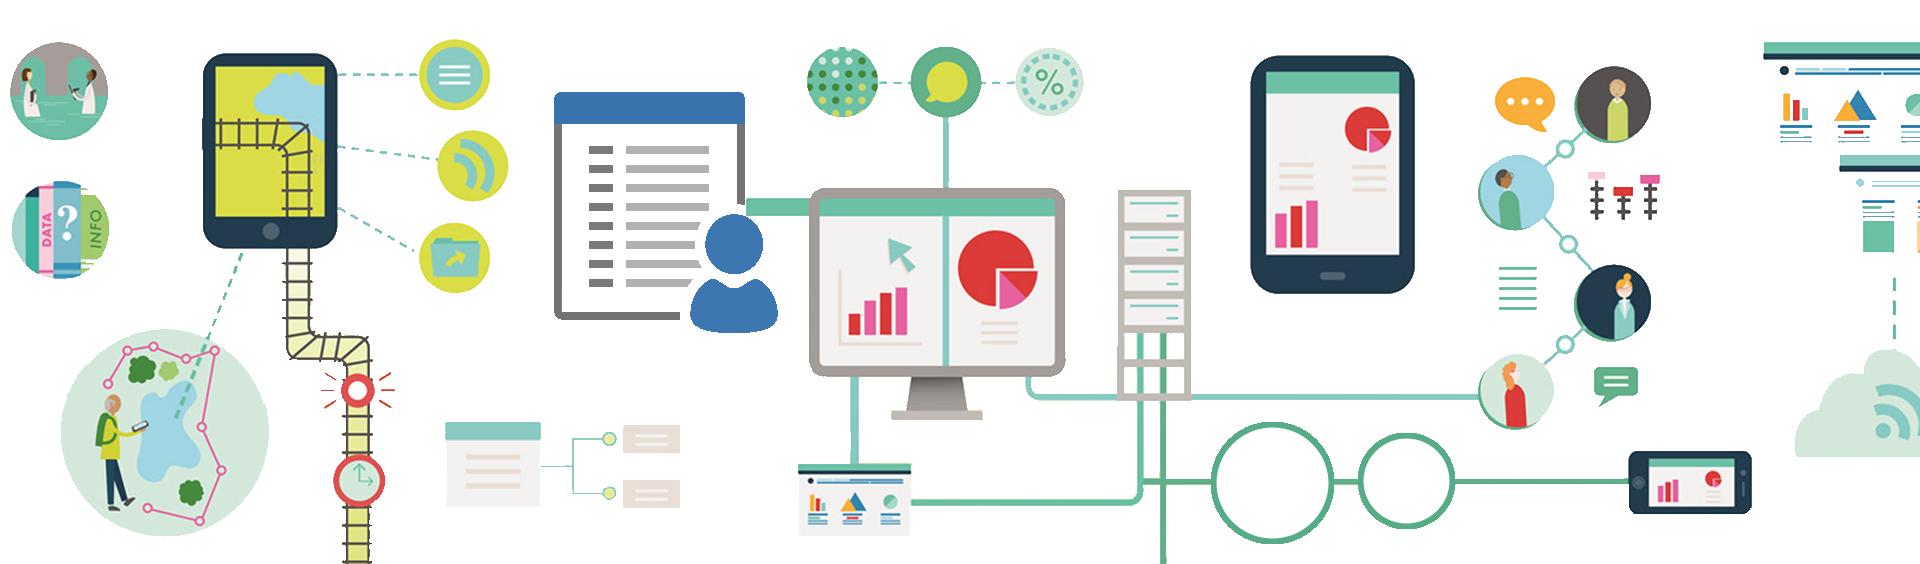 Методика организации дистанционного и электронного обучения в вузе с применением информационно-коммуникационных технологий